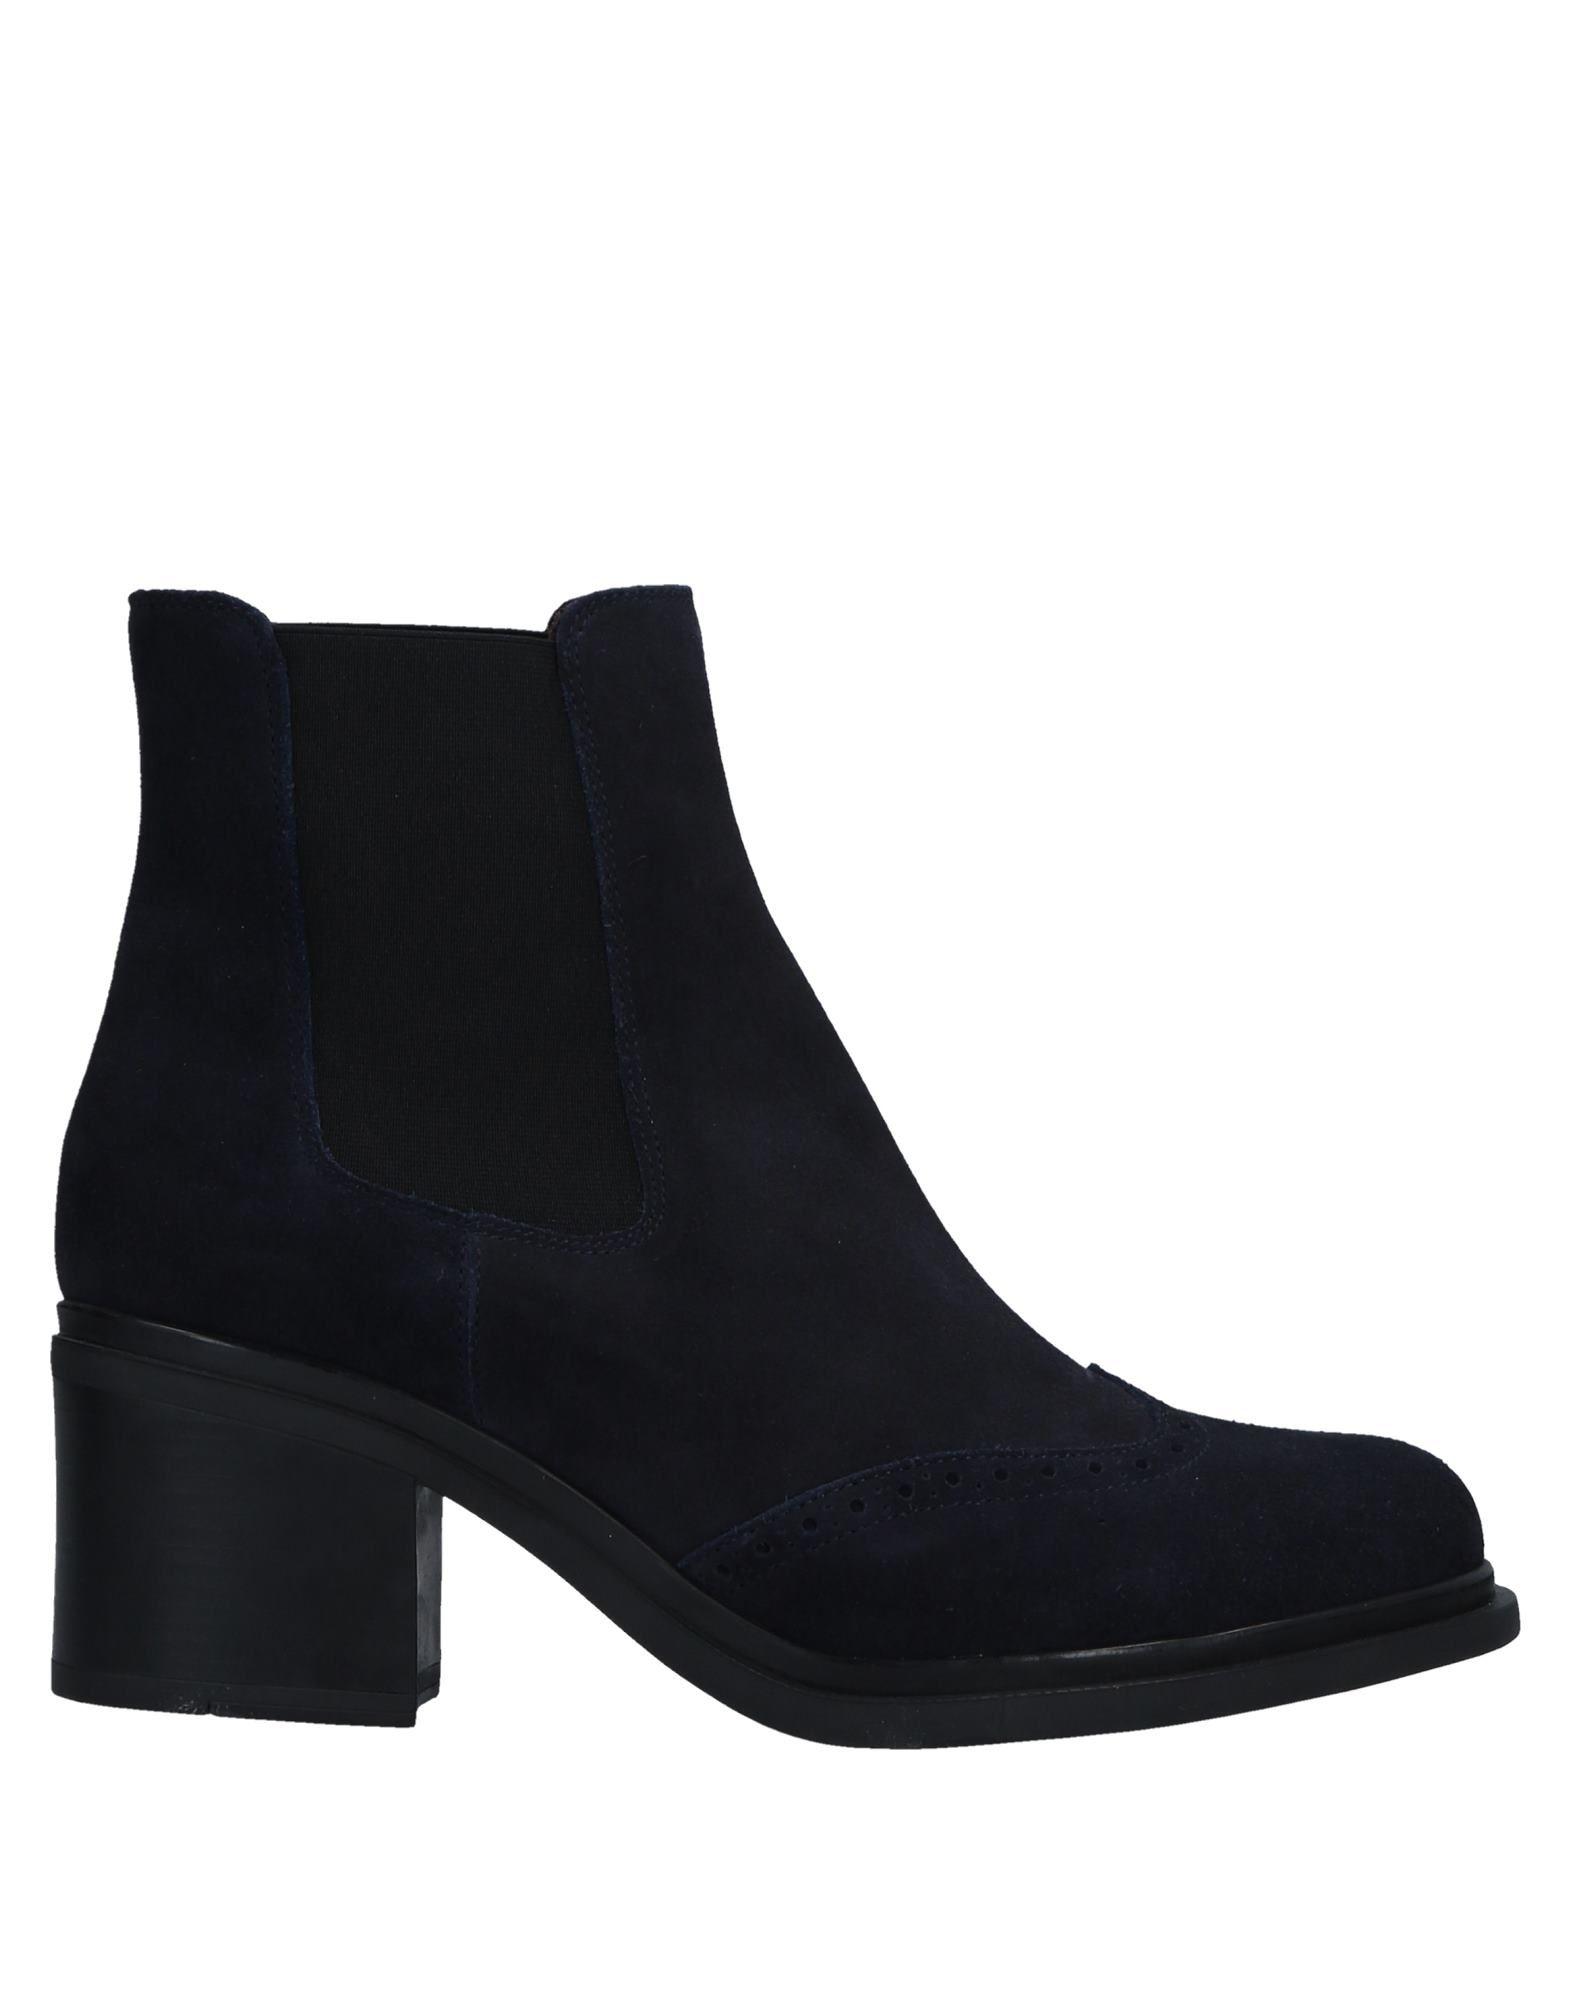 Sax Chelsea Boots Damen beliebte  11524854DT Gute Qualität beliebte Damen Schuhe ad0d18